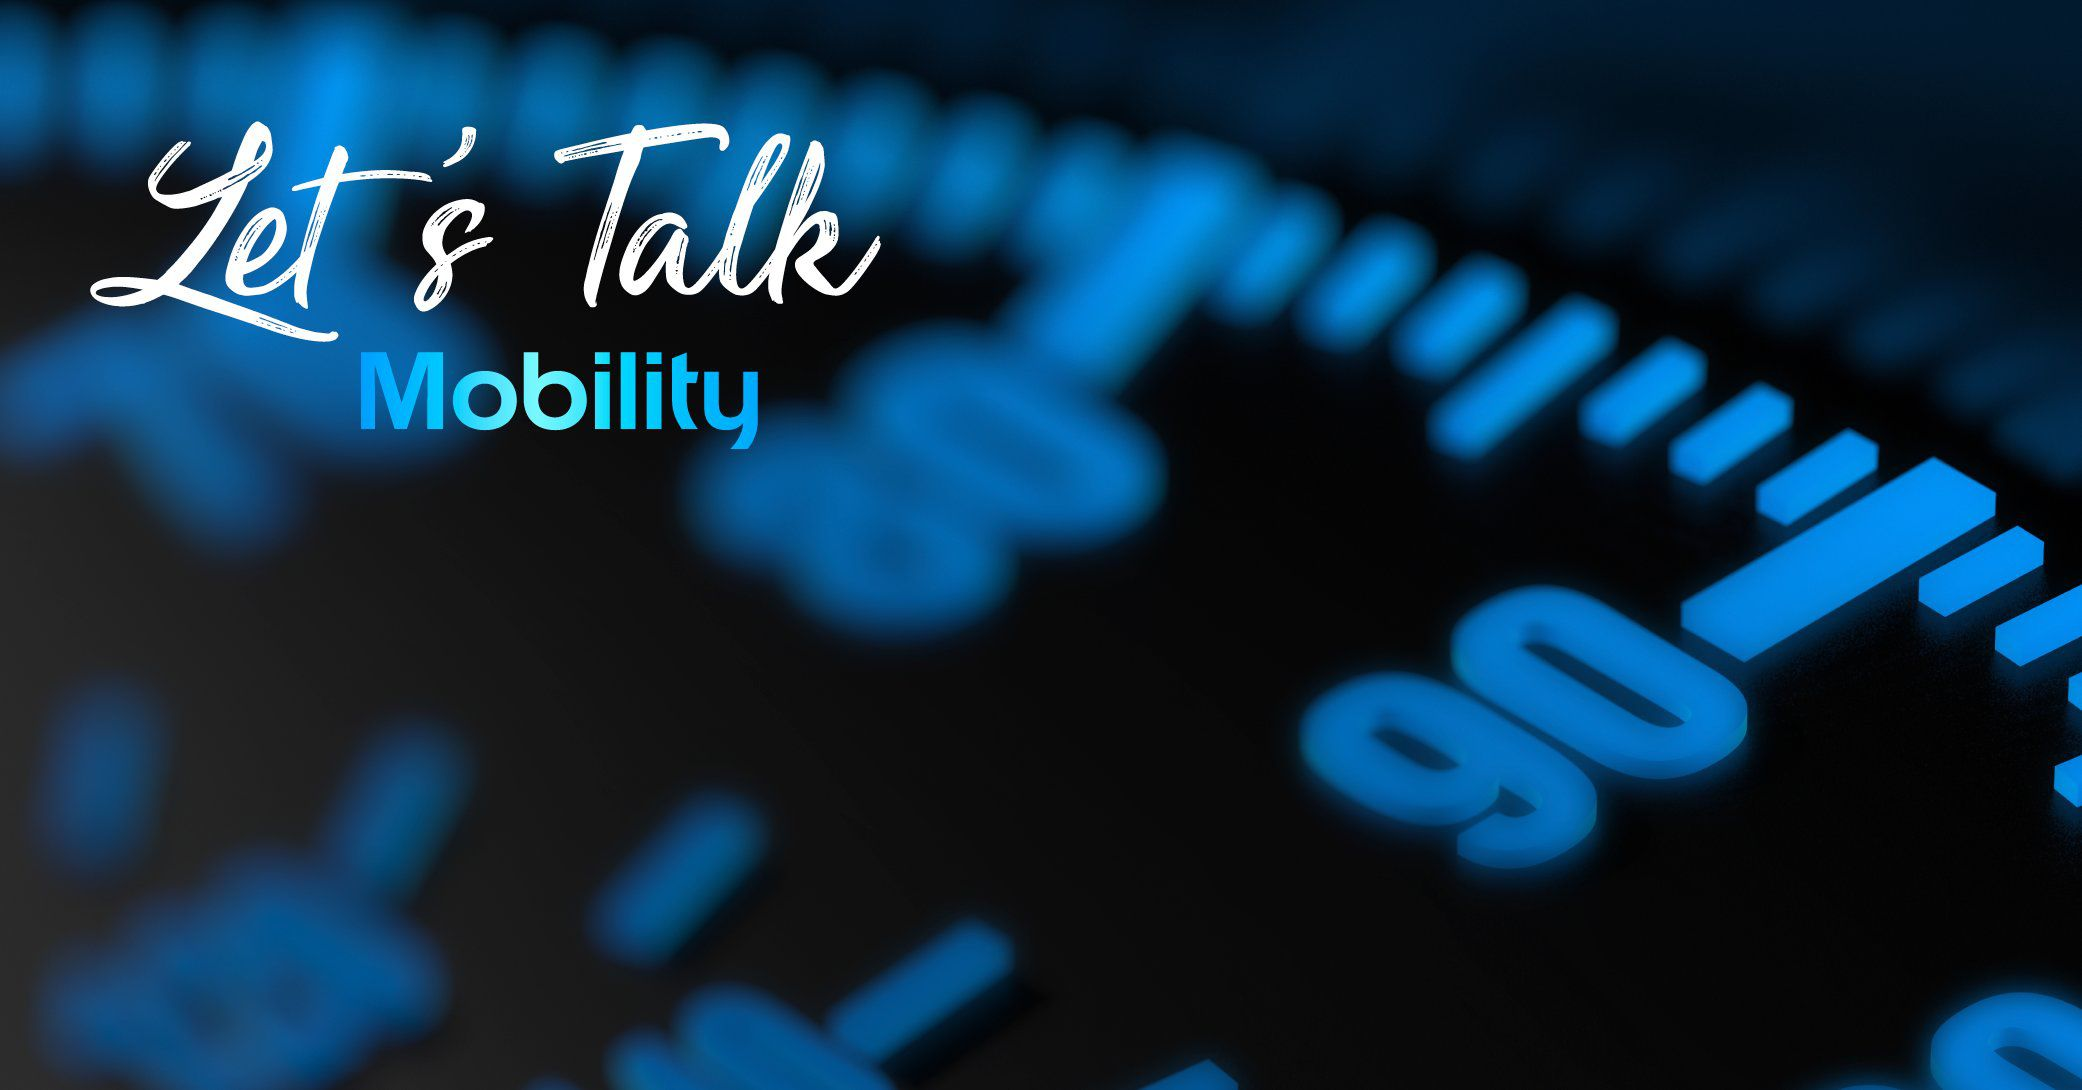 Comment la technologie contribue-t-elle au développement de la mobilité ?